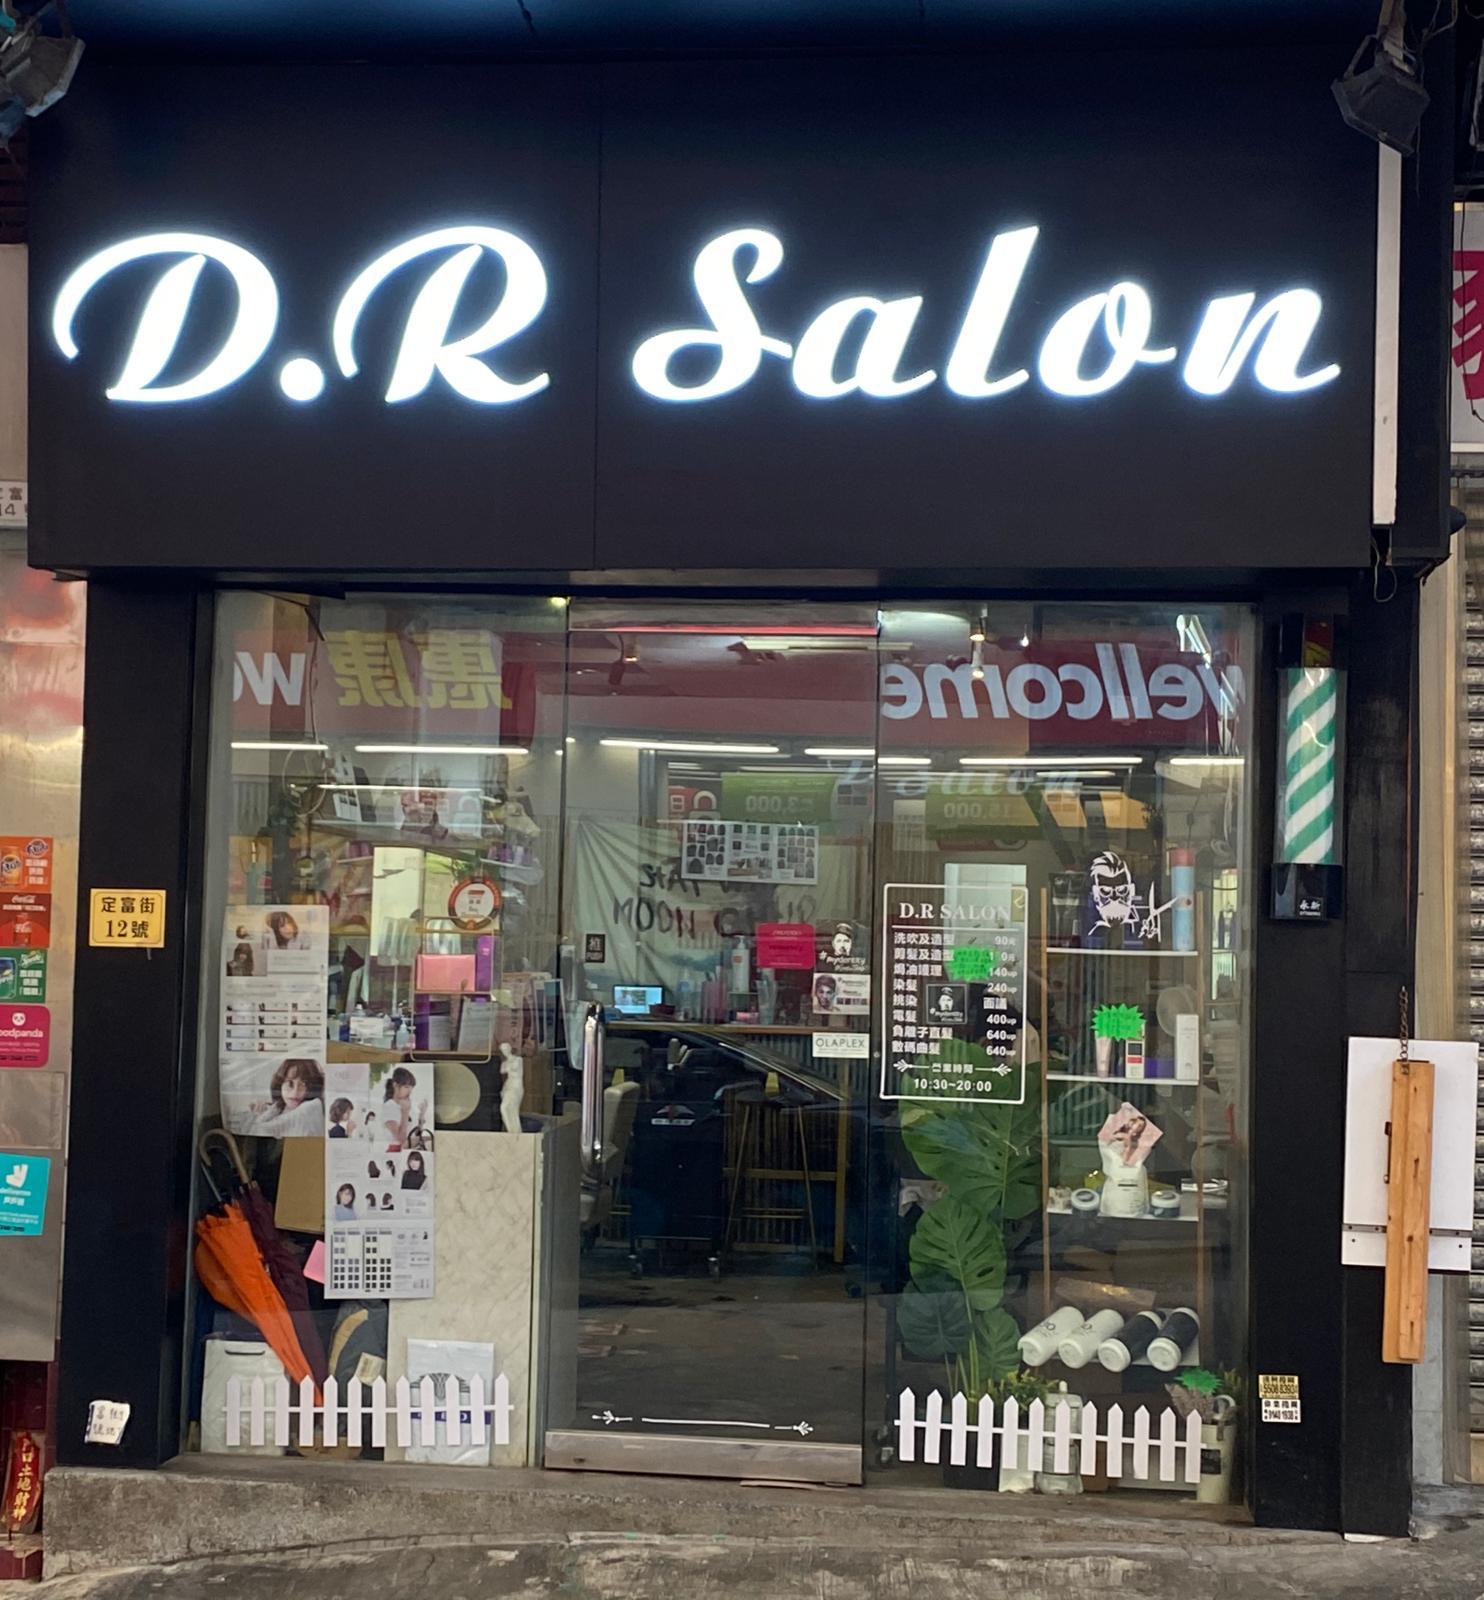 D.R Salon